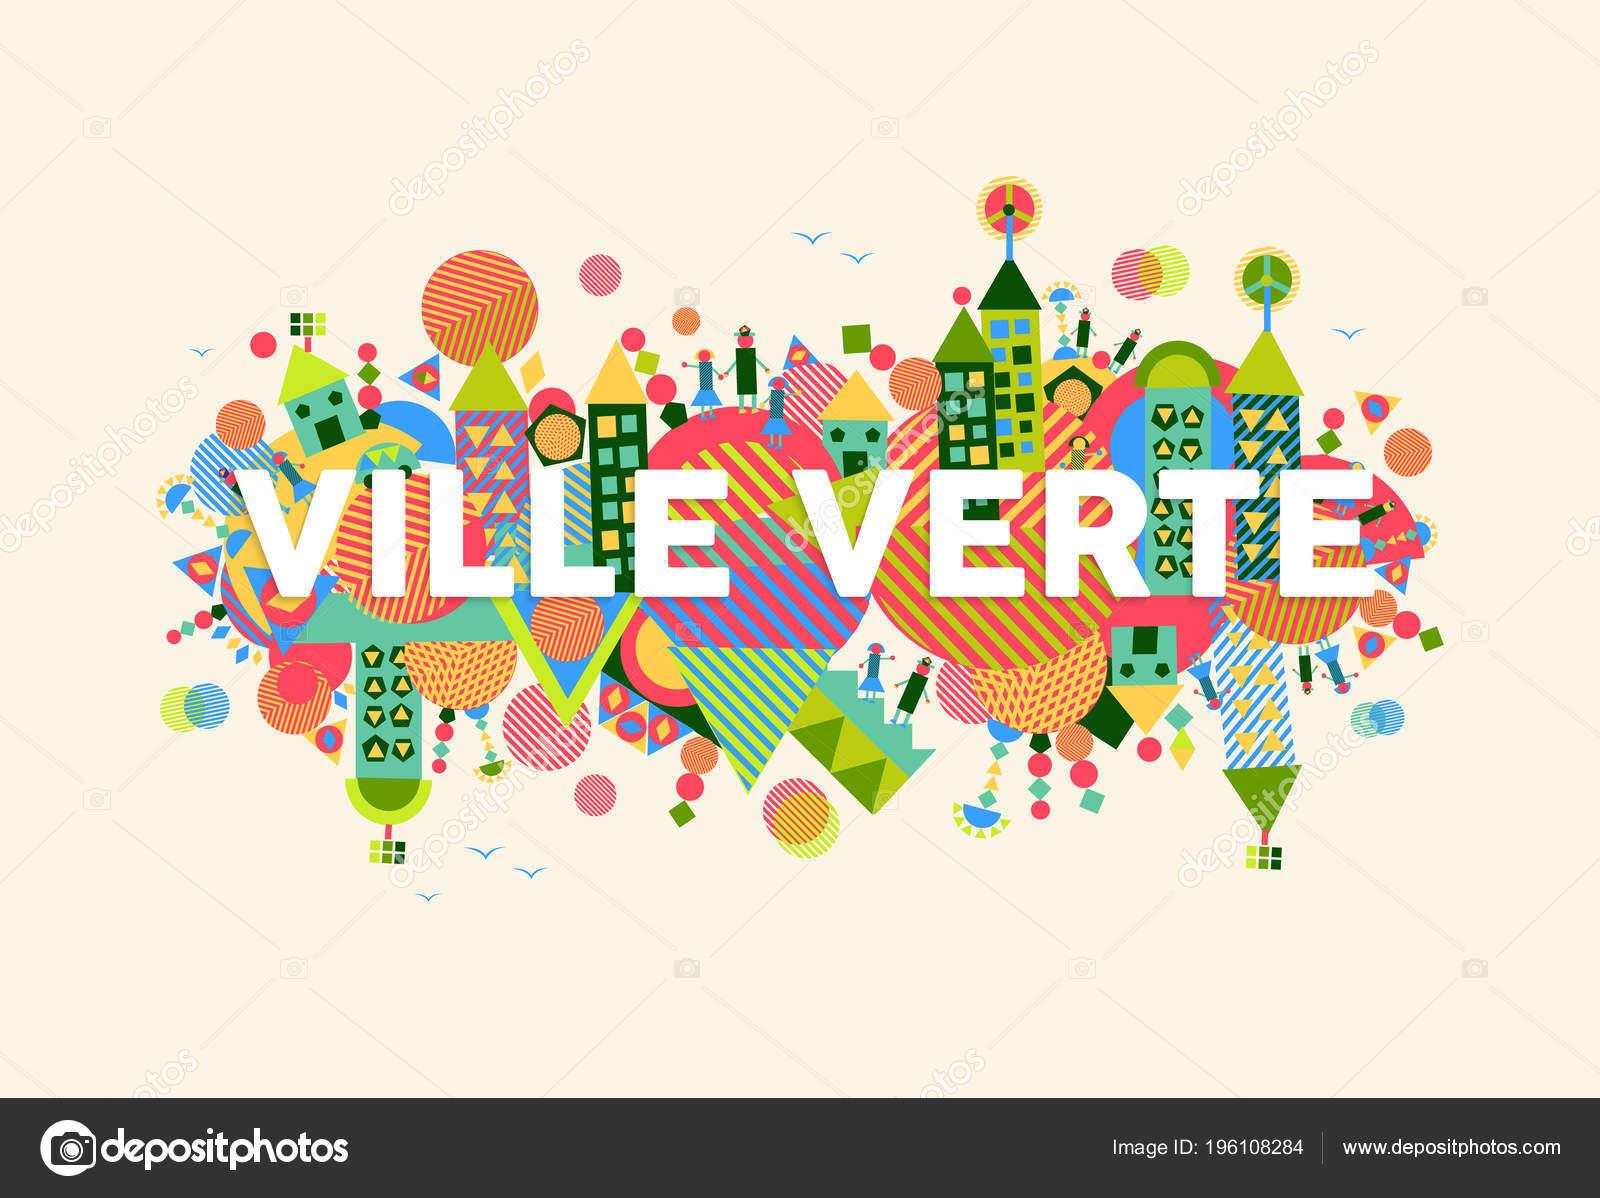 Citation Texte Coloré Ville Verte Français Langue